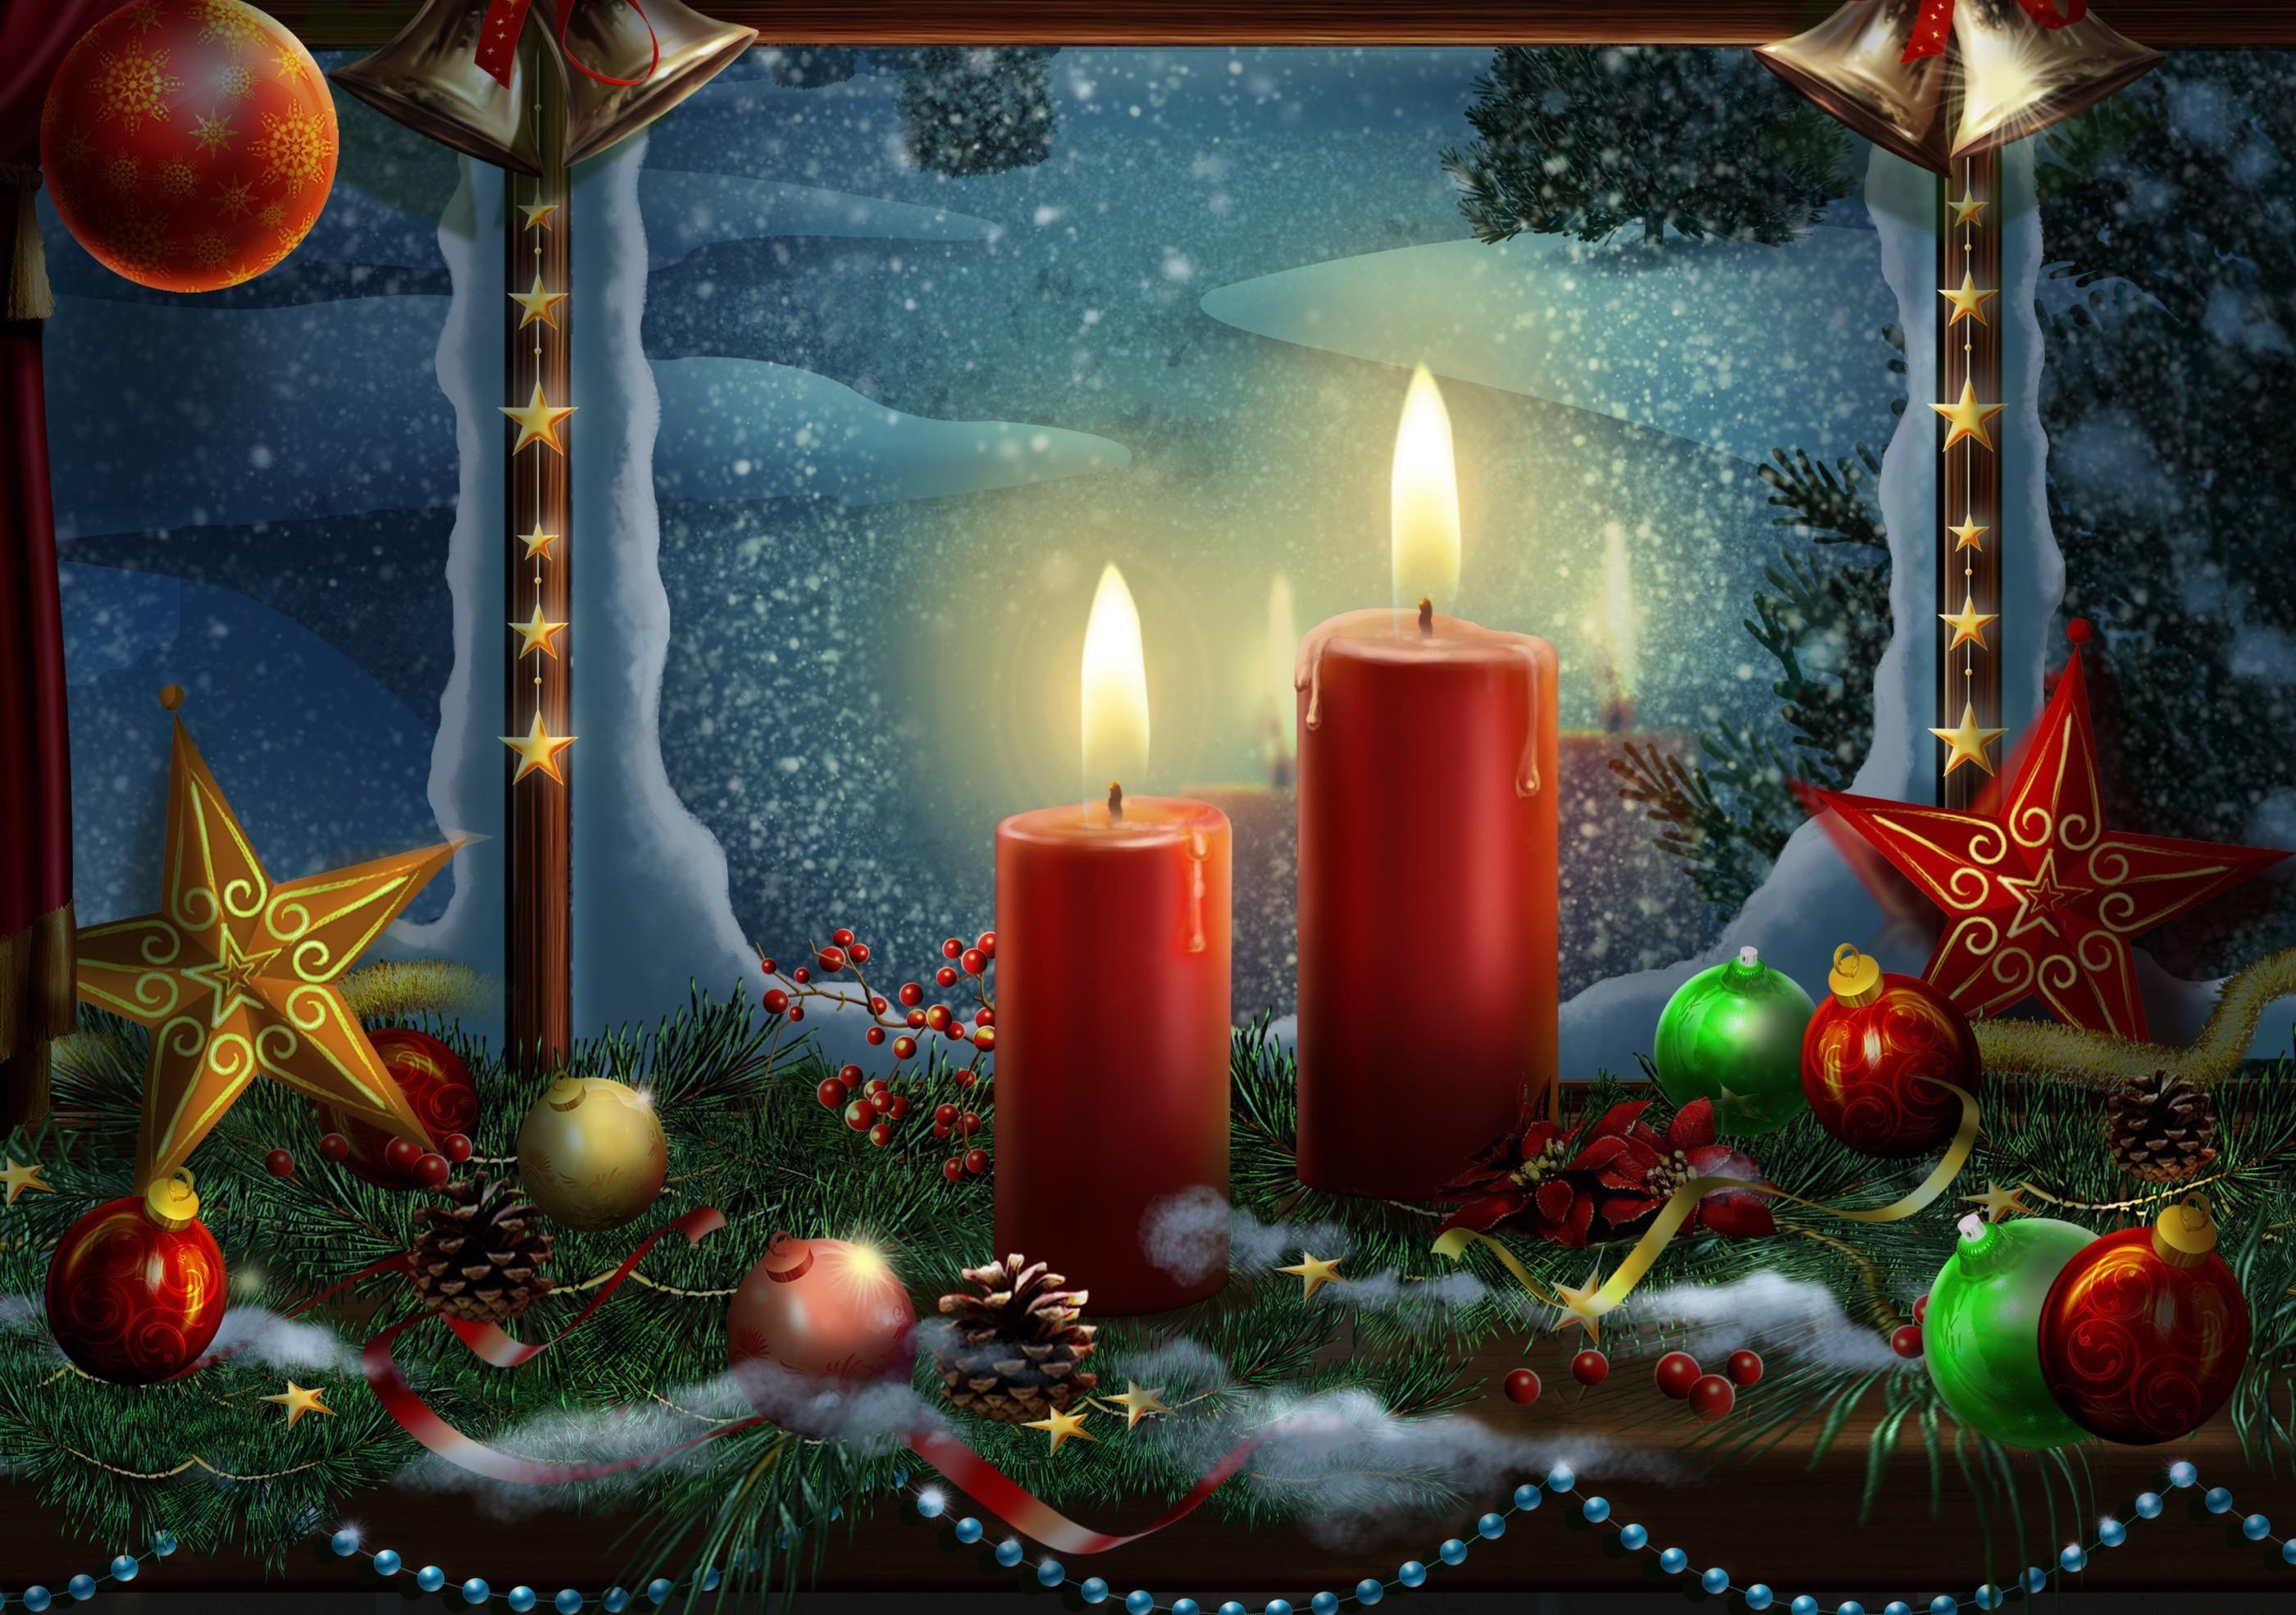 148016 скачать обои Праздники, Новый Год, Свечи, Звезды, Игрушки, Рождество, Праздник, Открытка - заставки и картинки бесплатно